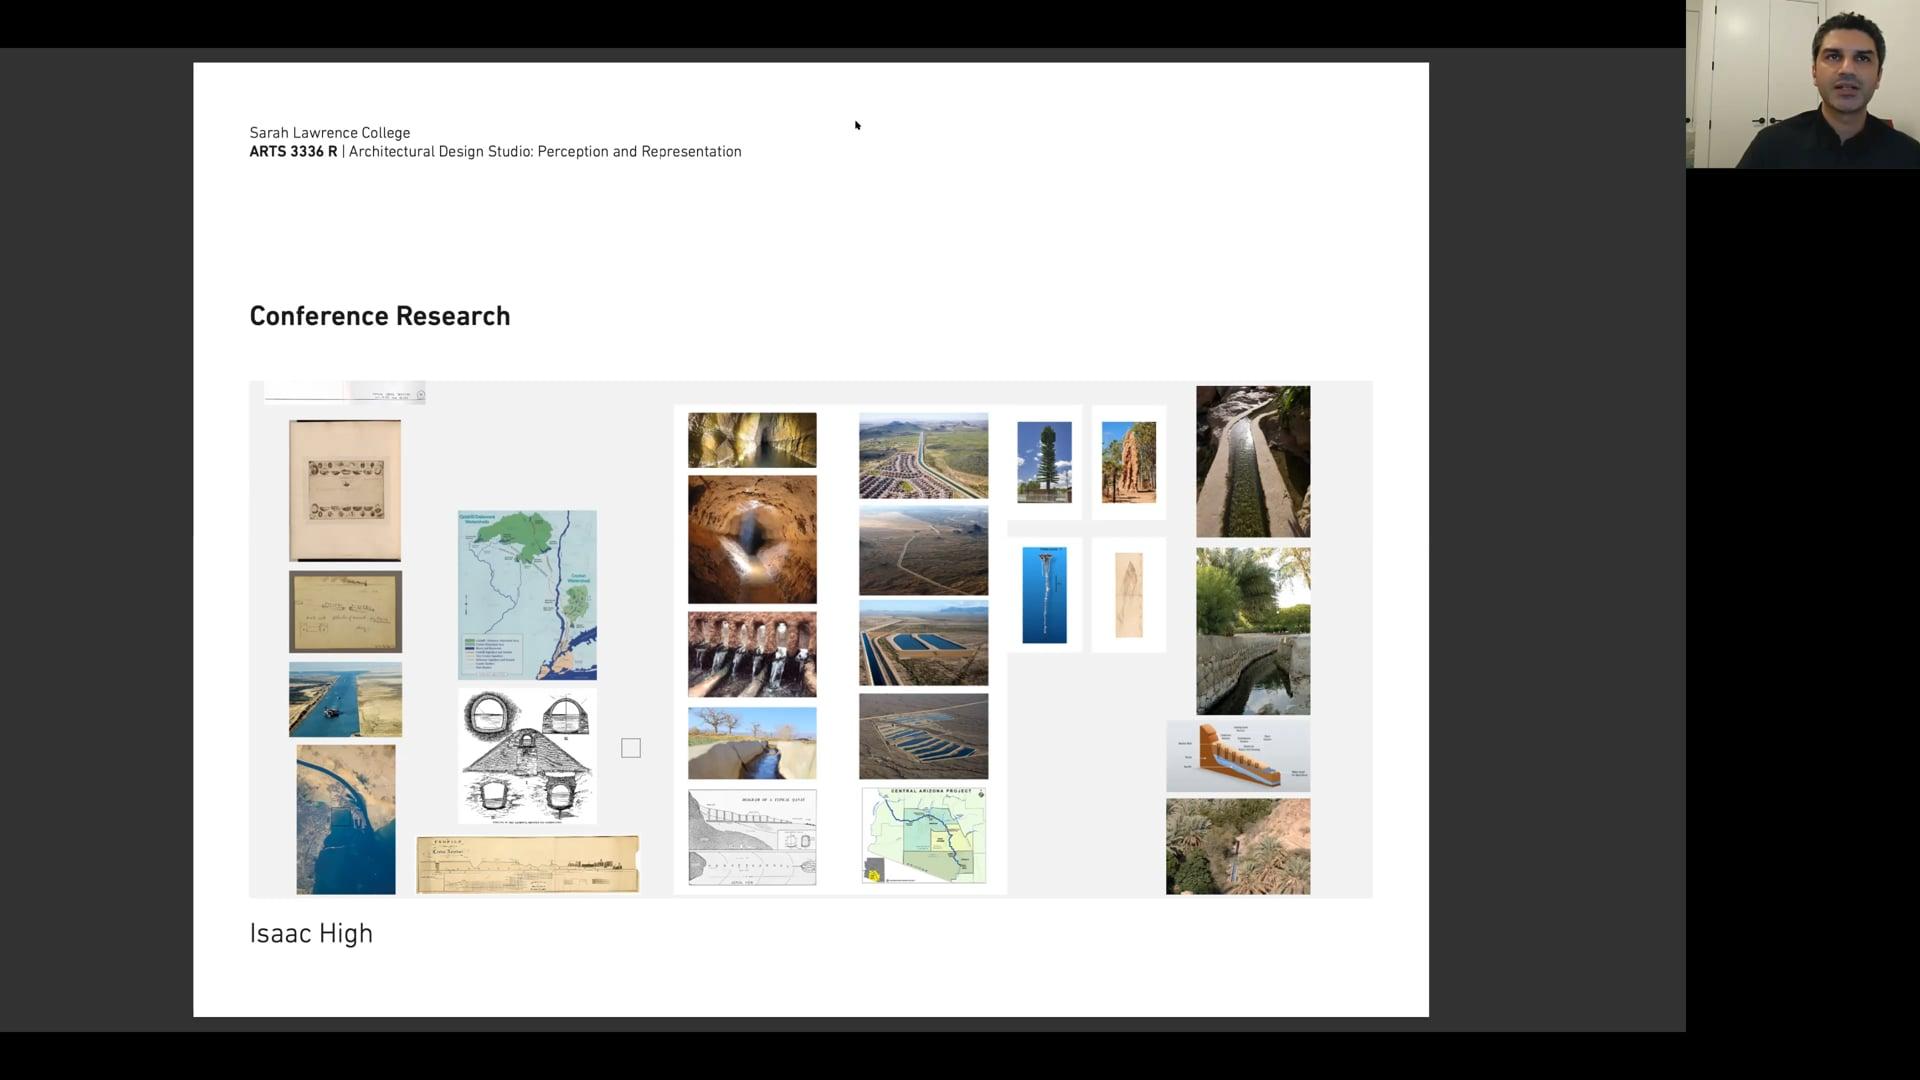 ARCHITECTURE DESIGN STUDIO PERCEPTION AND REPRESENTATION